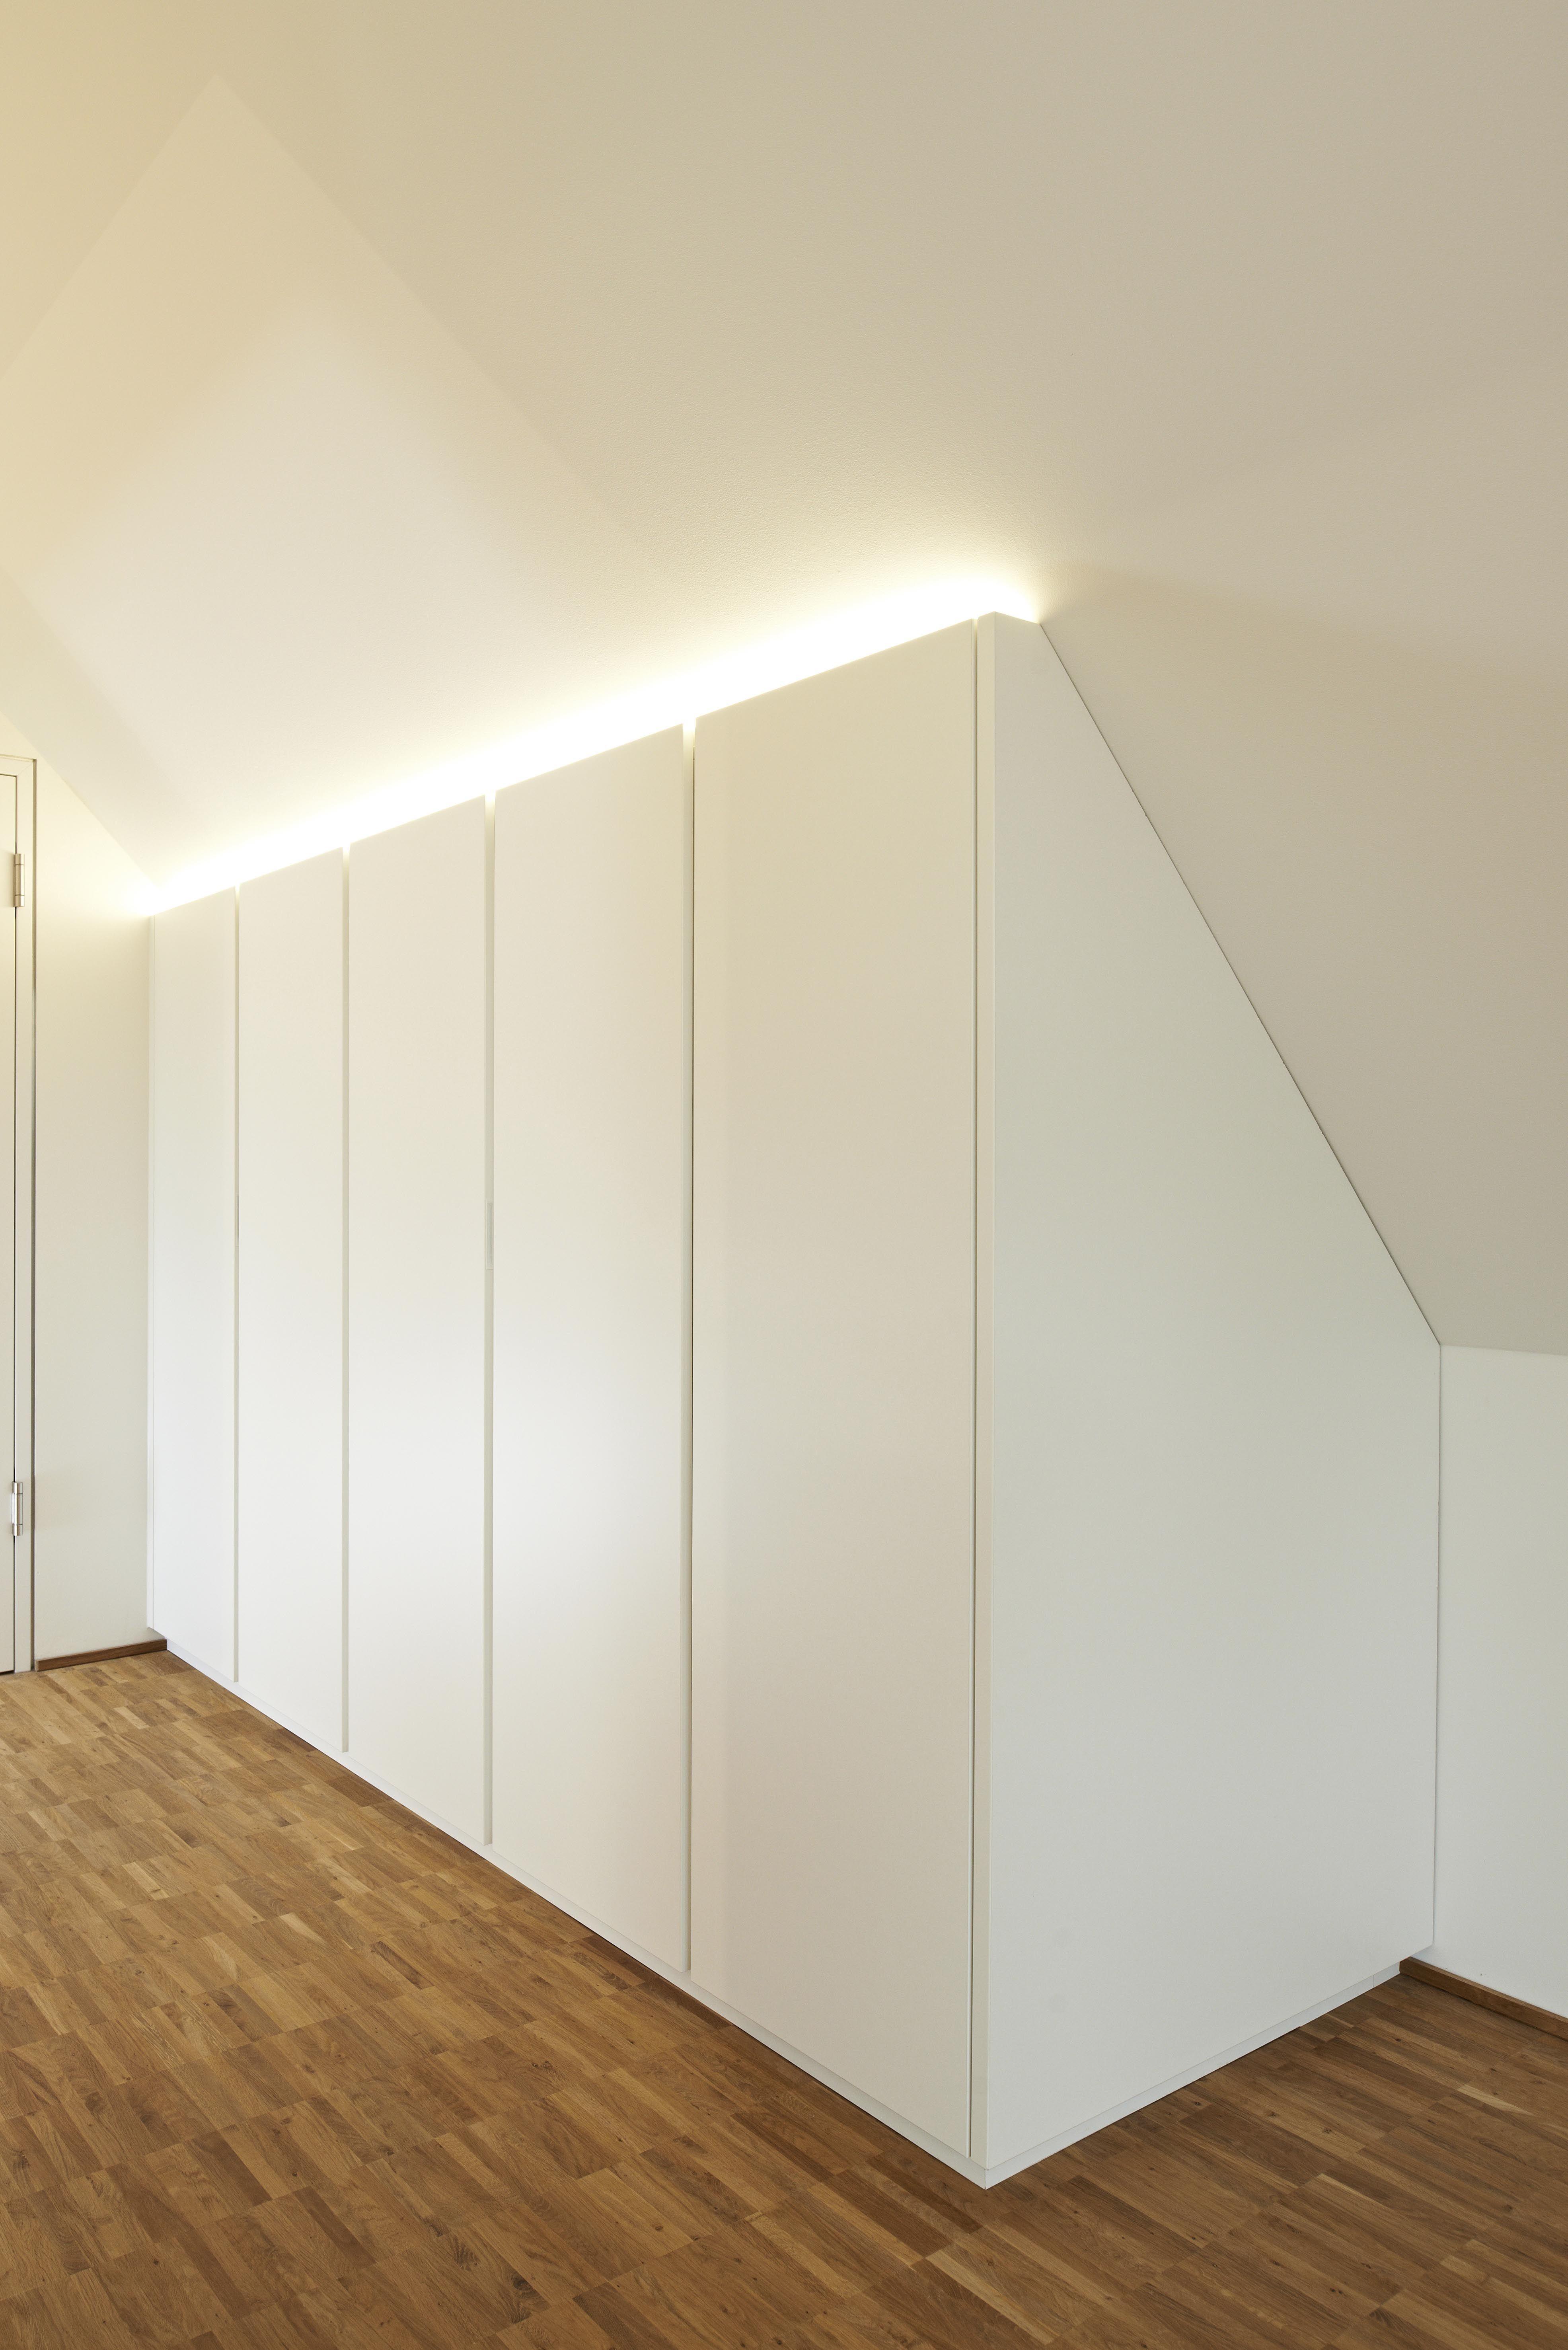 Diese Ankleide Besteht Aus Einem Offen Zentralen Kleiderschra Kleiderschrank Fur Dachschrage Innenarchitektur Wohnzimmer Begehbarer Kleiderschrank Dachschrage